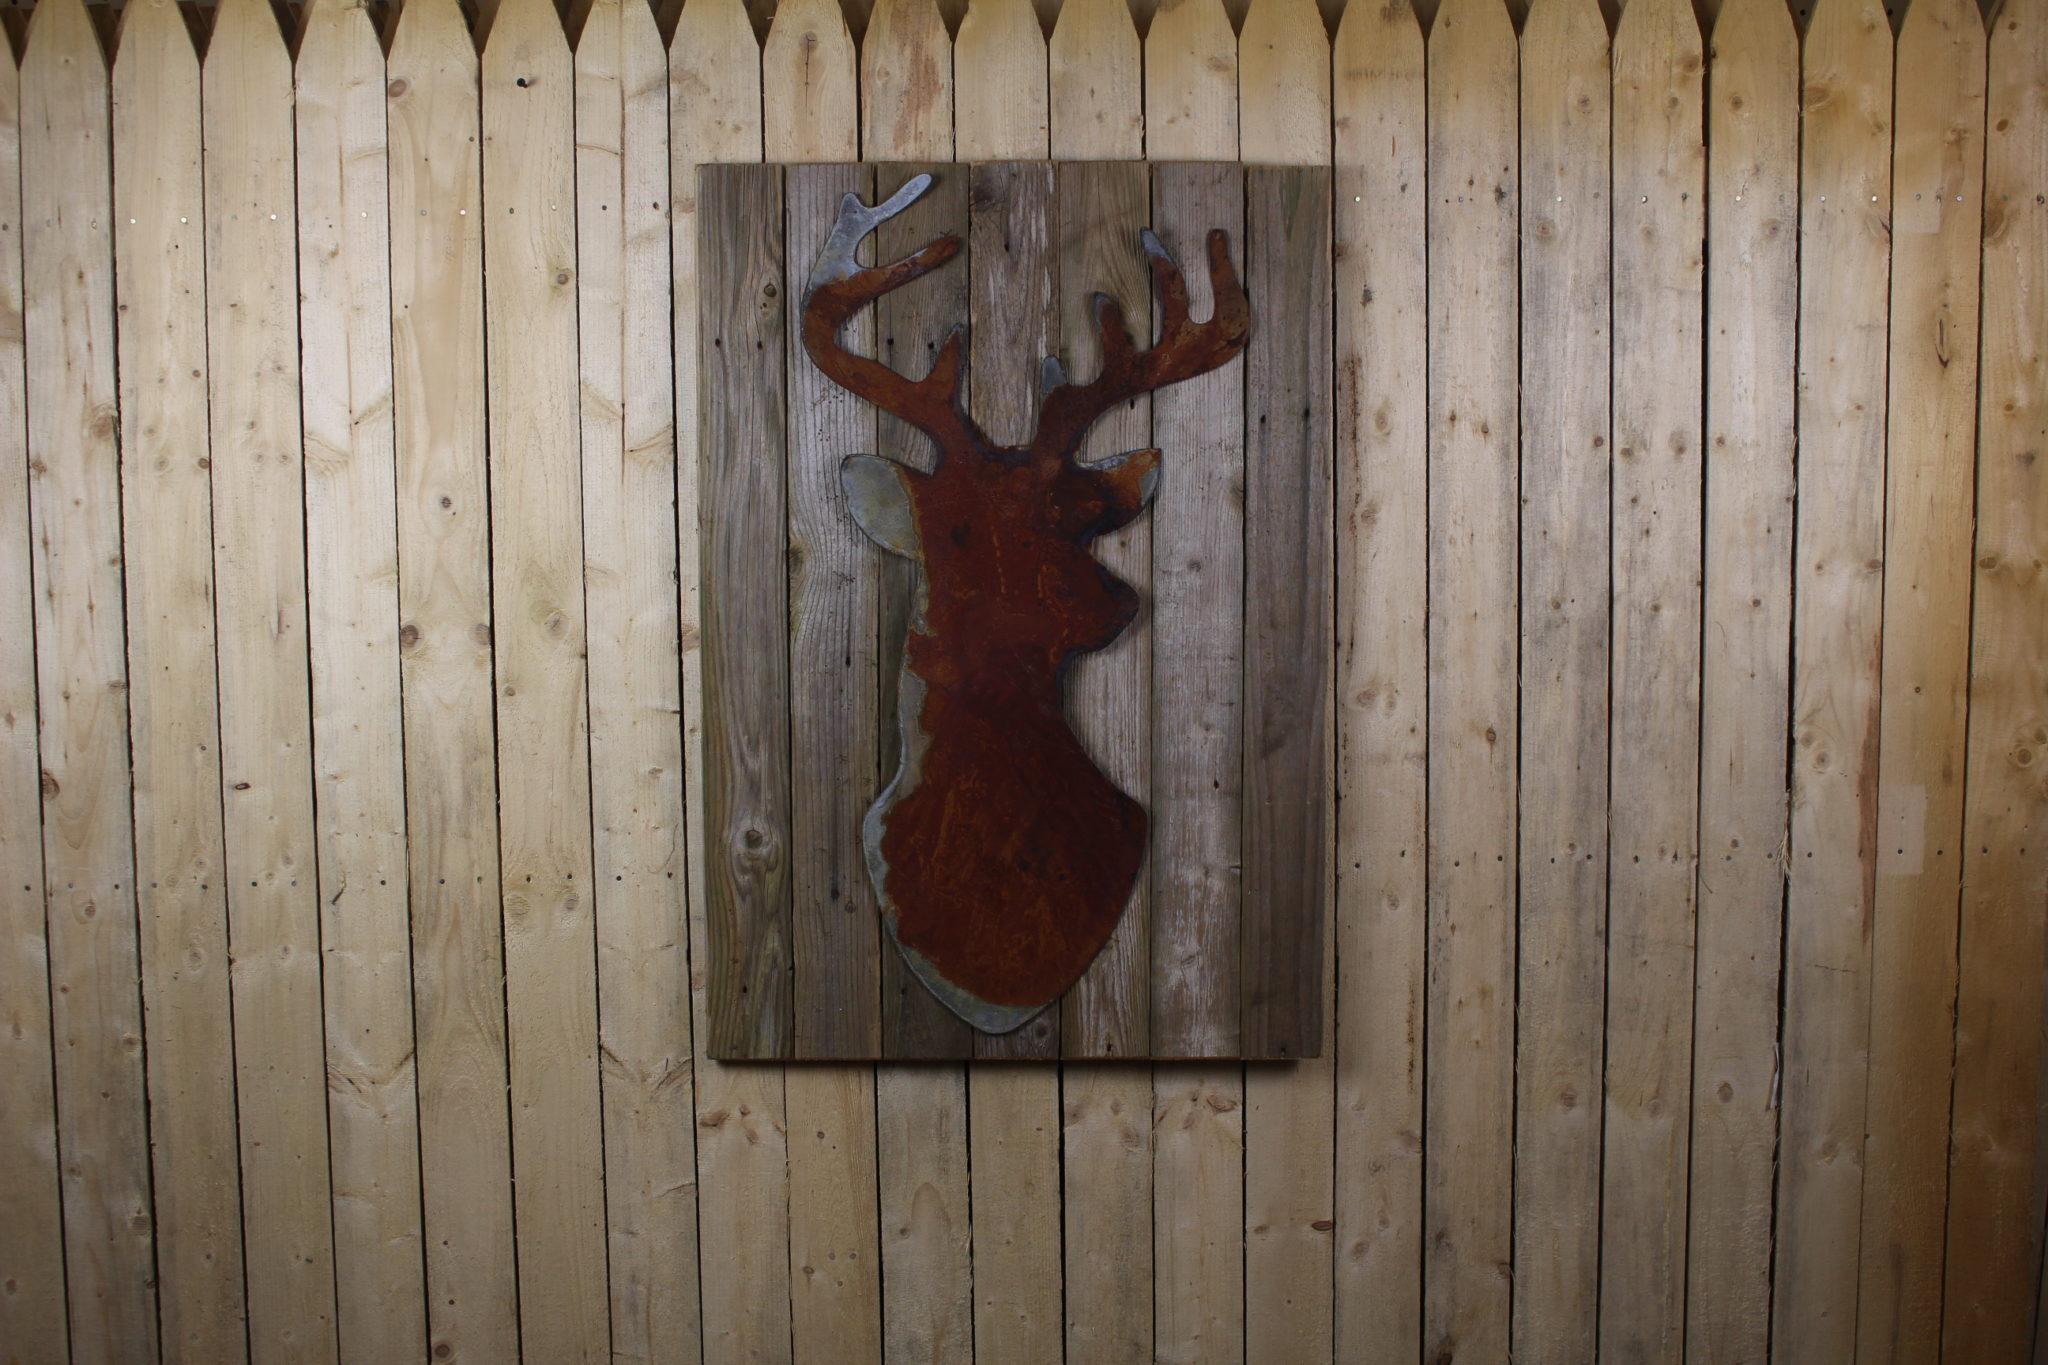 Buckhead on woodback